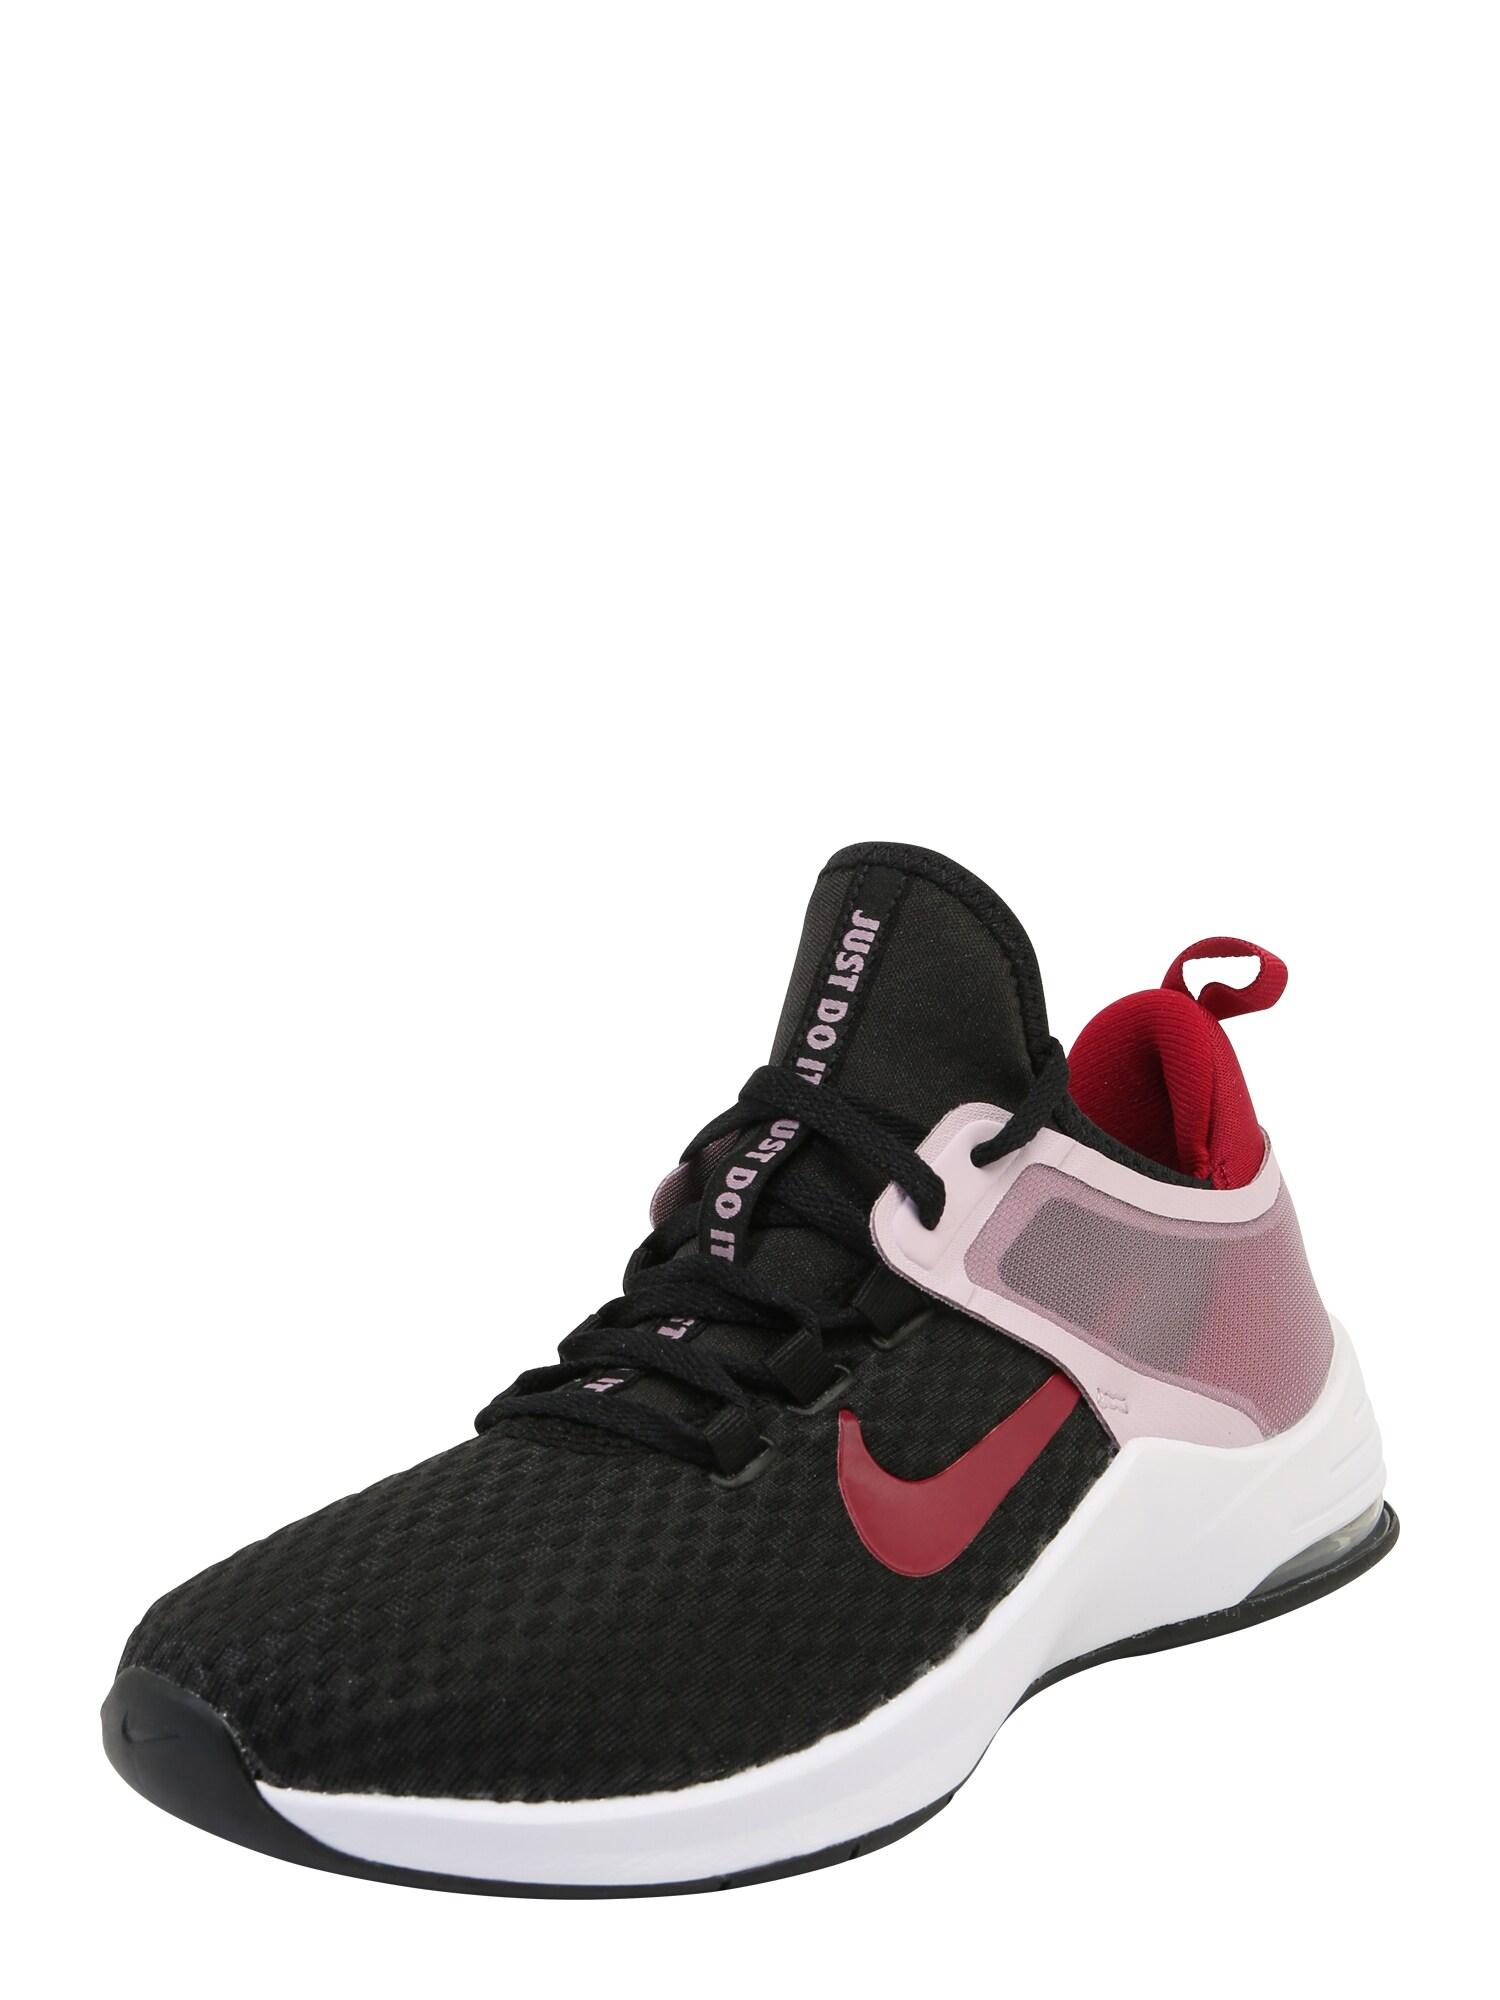 NIKE Sportiniai batai 'Nike Air Max Bella TR 2' raudona / juoda / balta